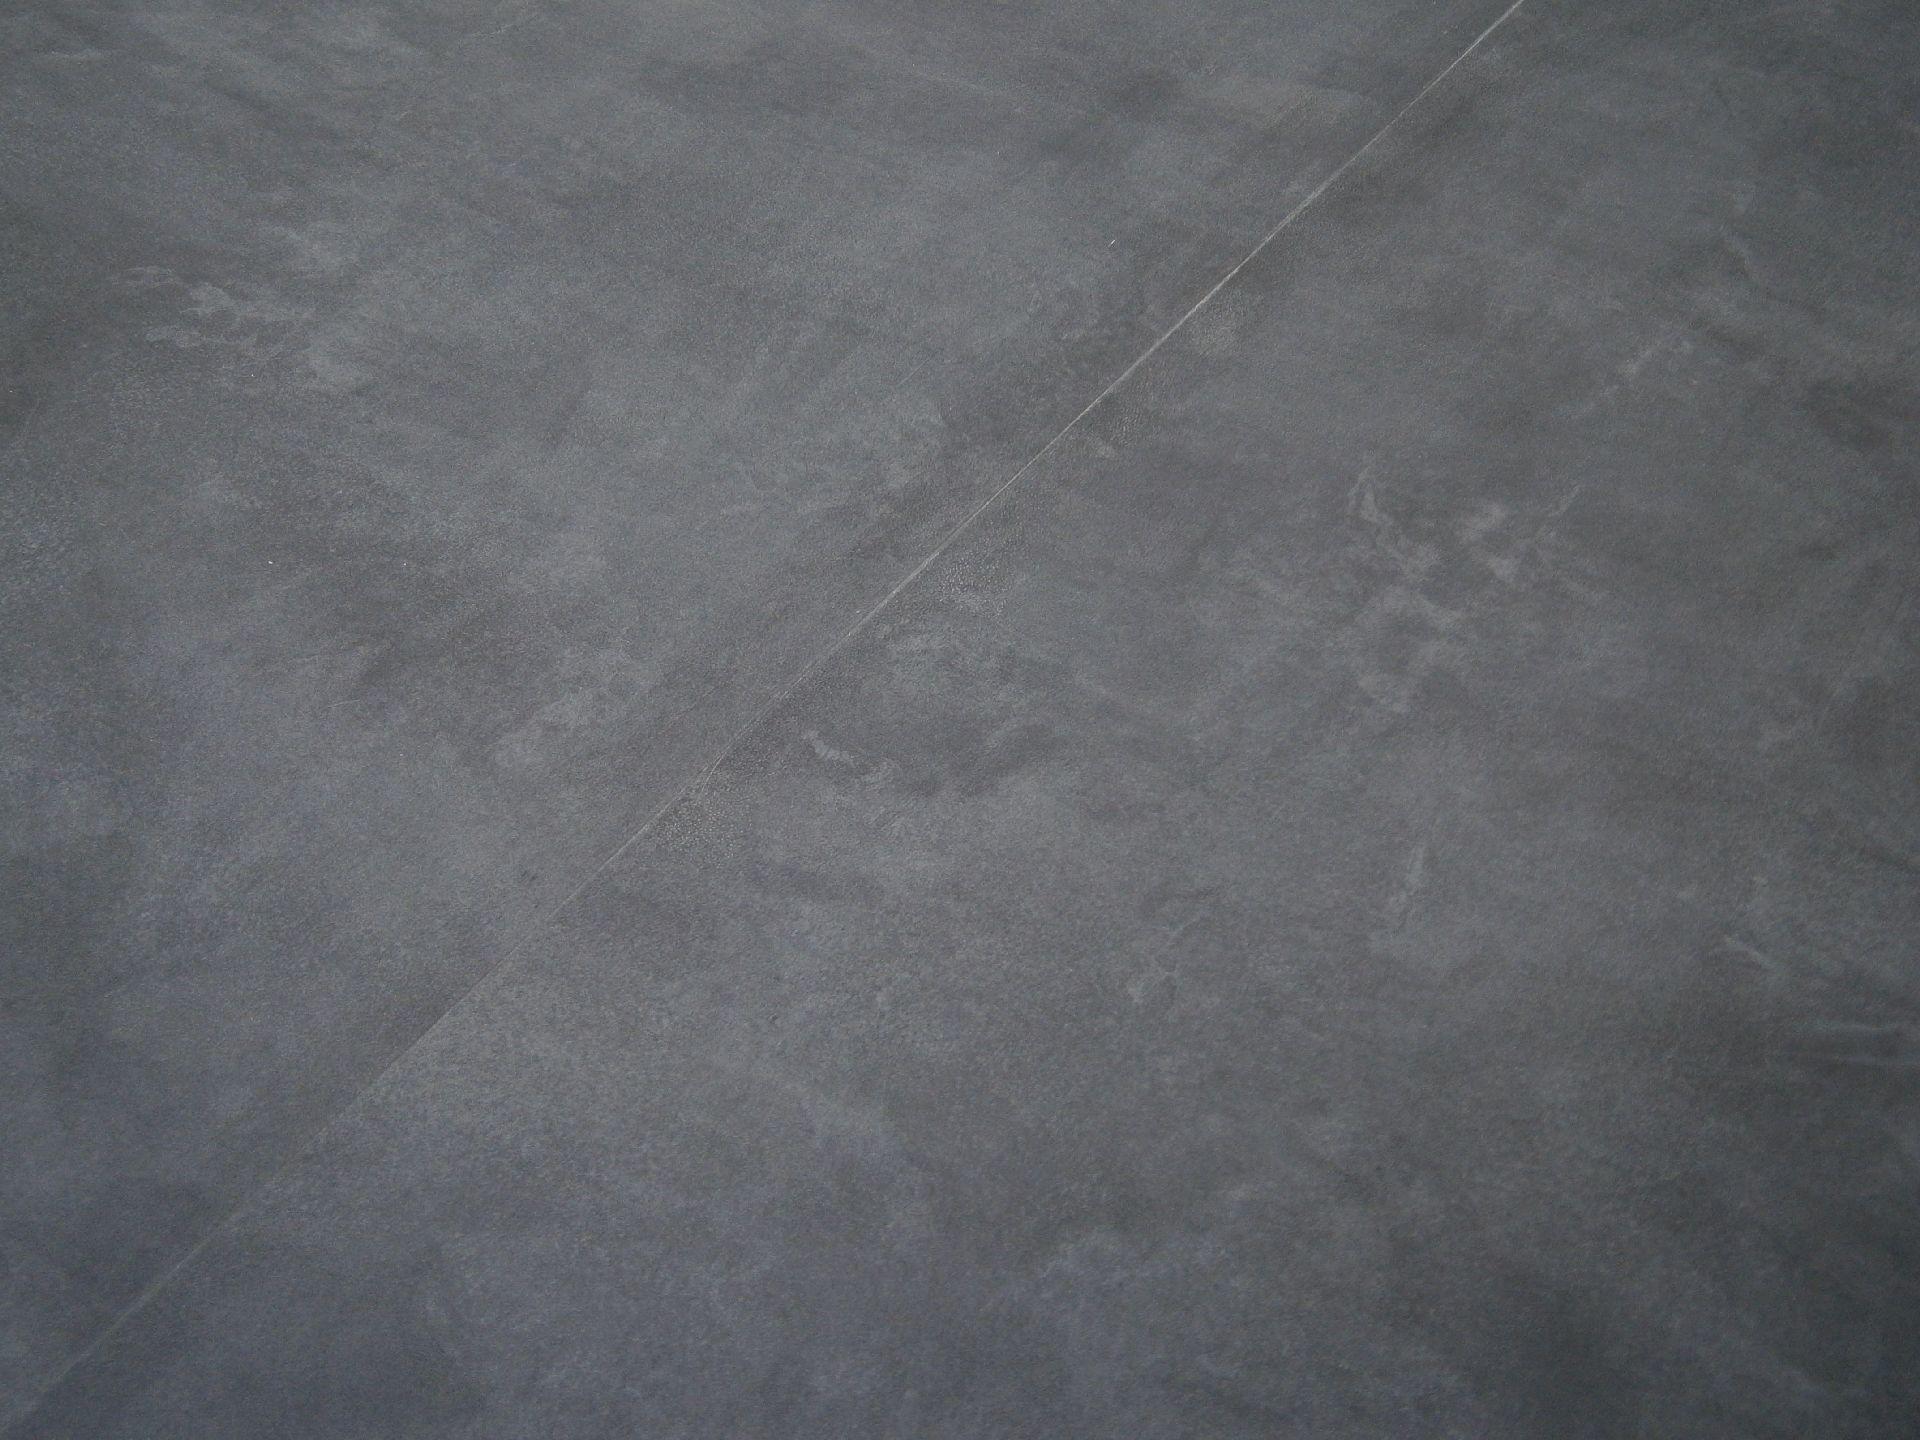 Vinylboden Berryalloc Pureloc Fliese Beton Dunkel | Umbau